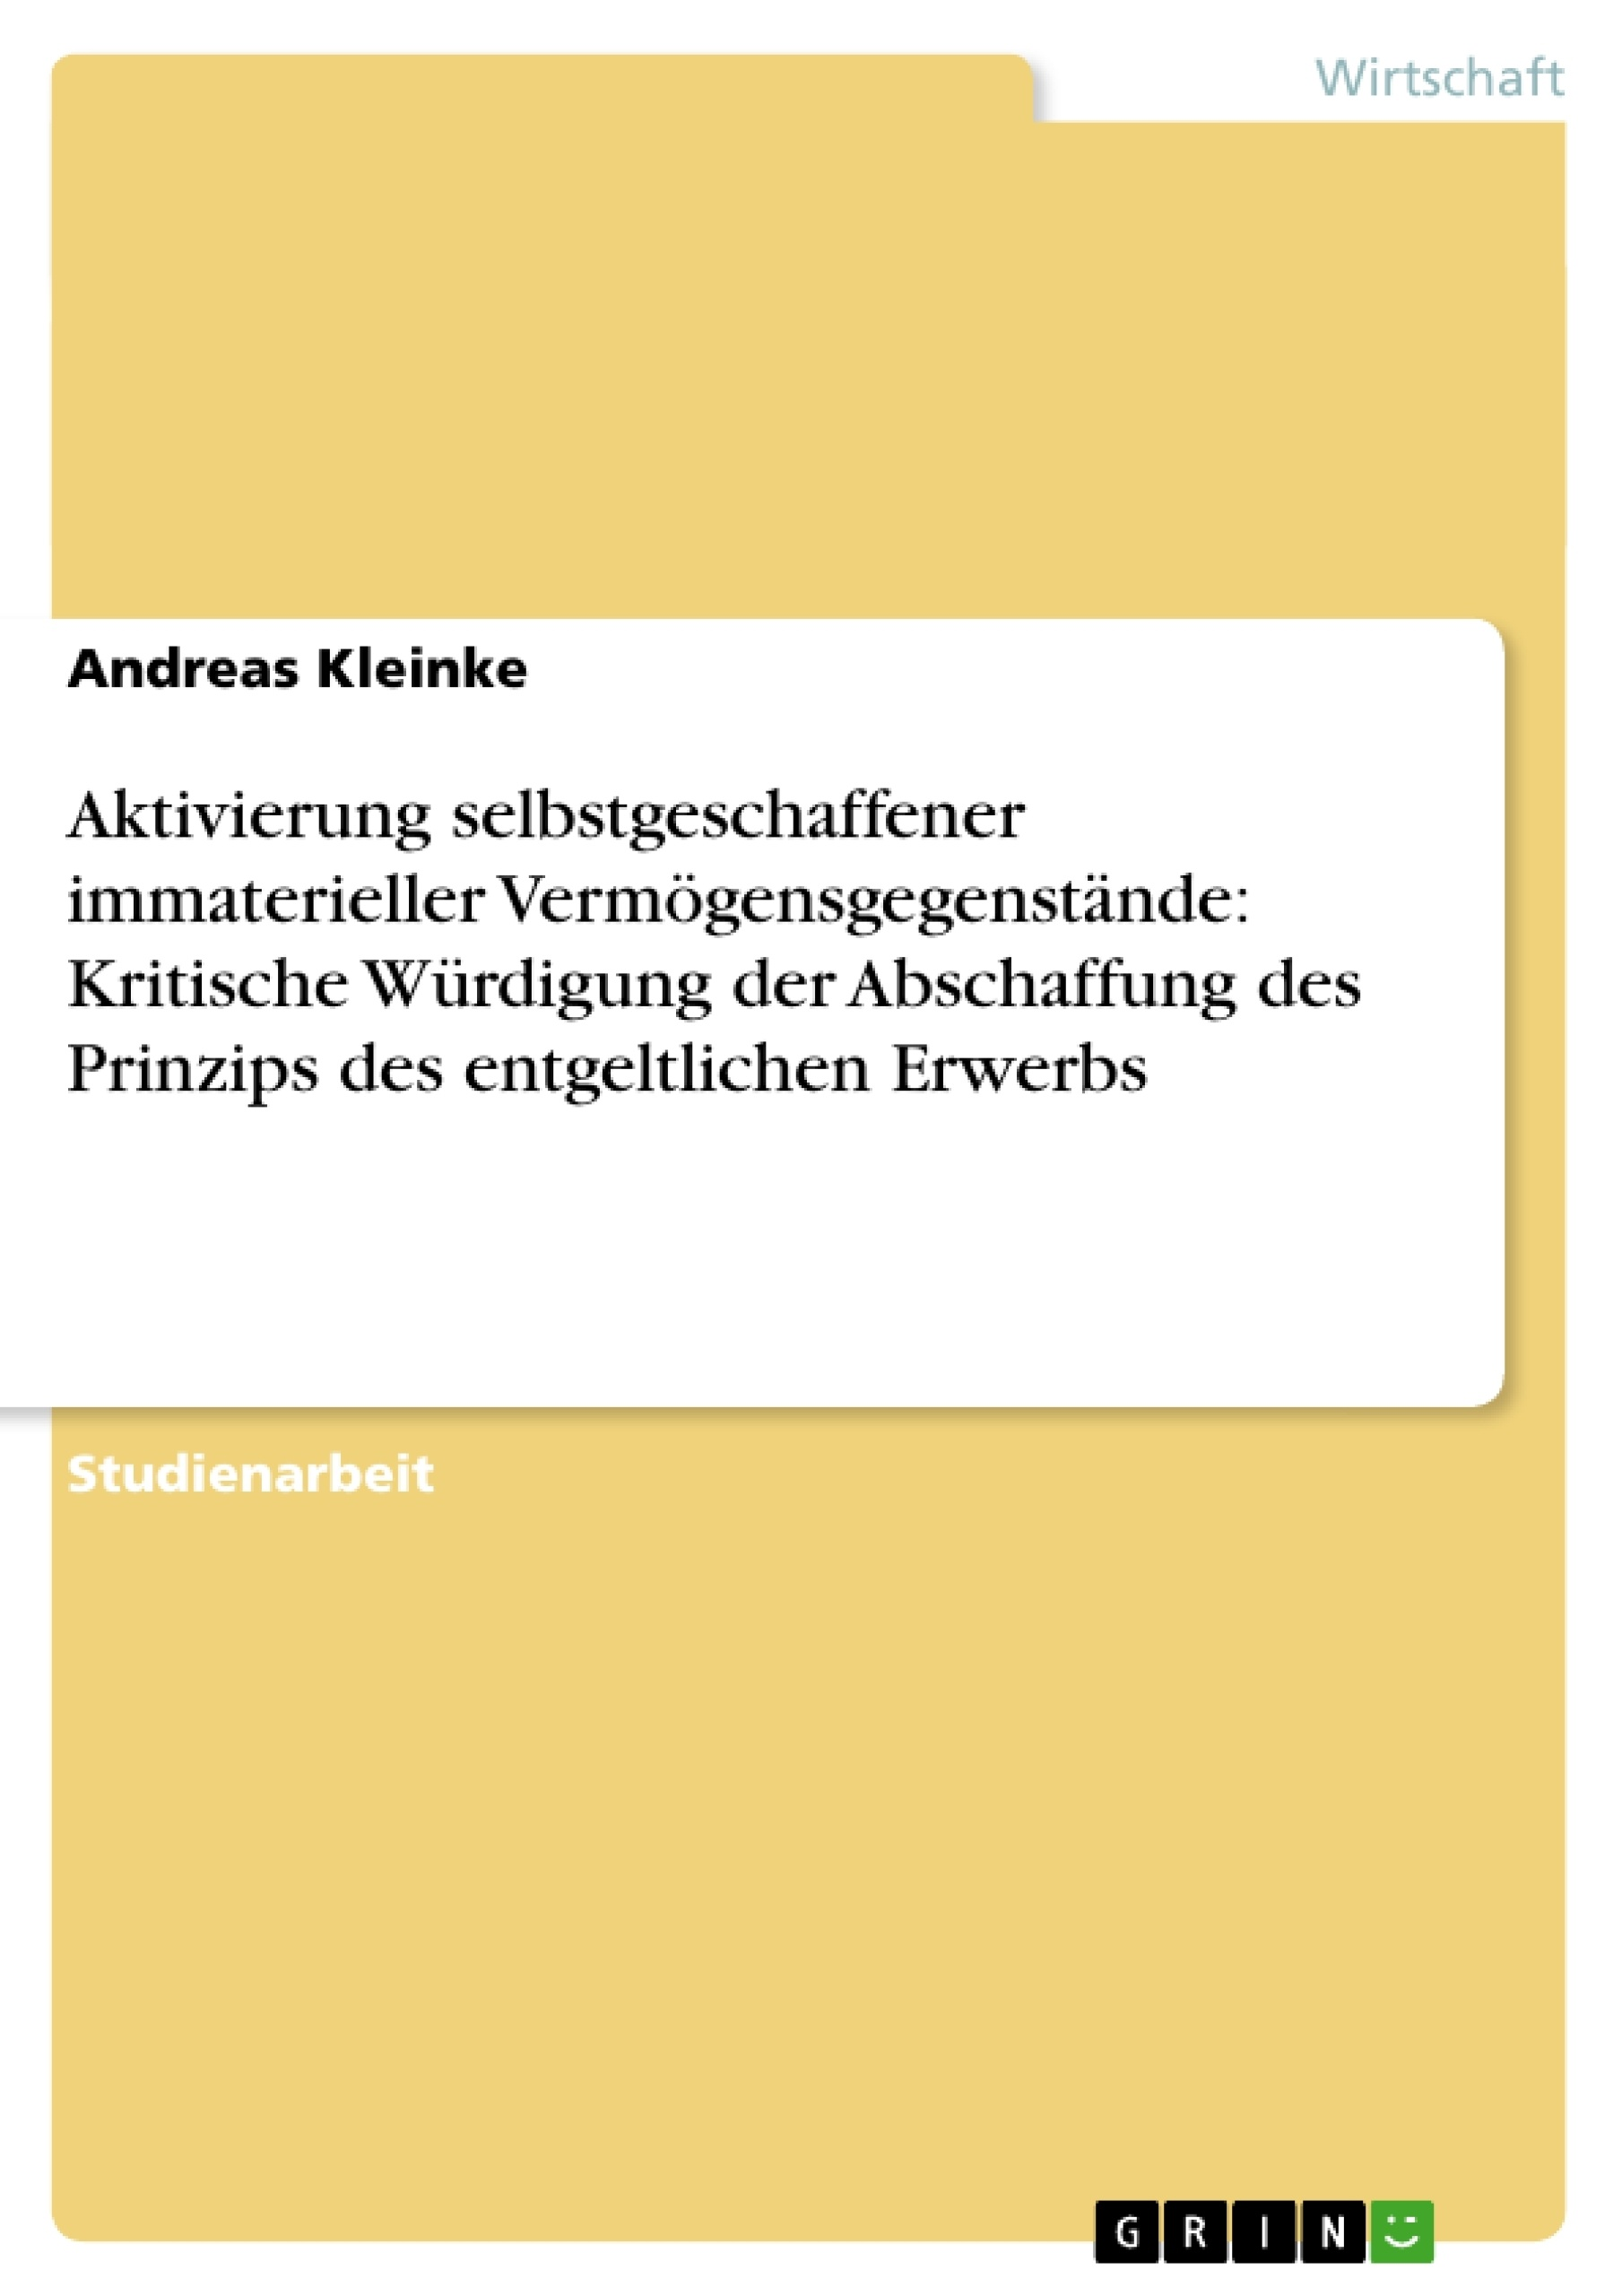 Titel: Aktivierung selbstgeschaffener immaterieller Vermögensgegenstände: Kritische Würdigung der Abschaffung des Prinzips des entgeltlichen Erwerbs